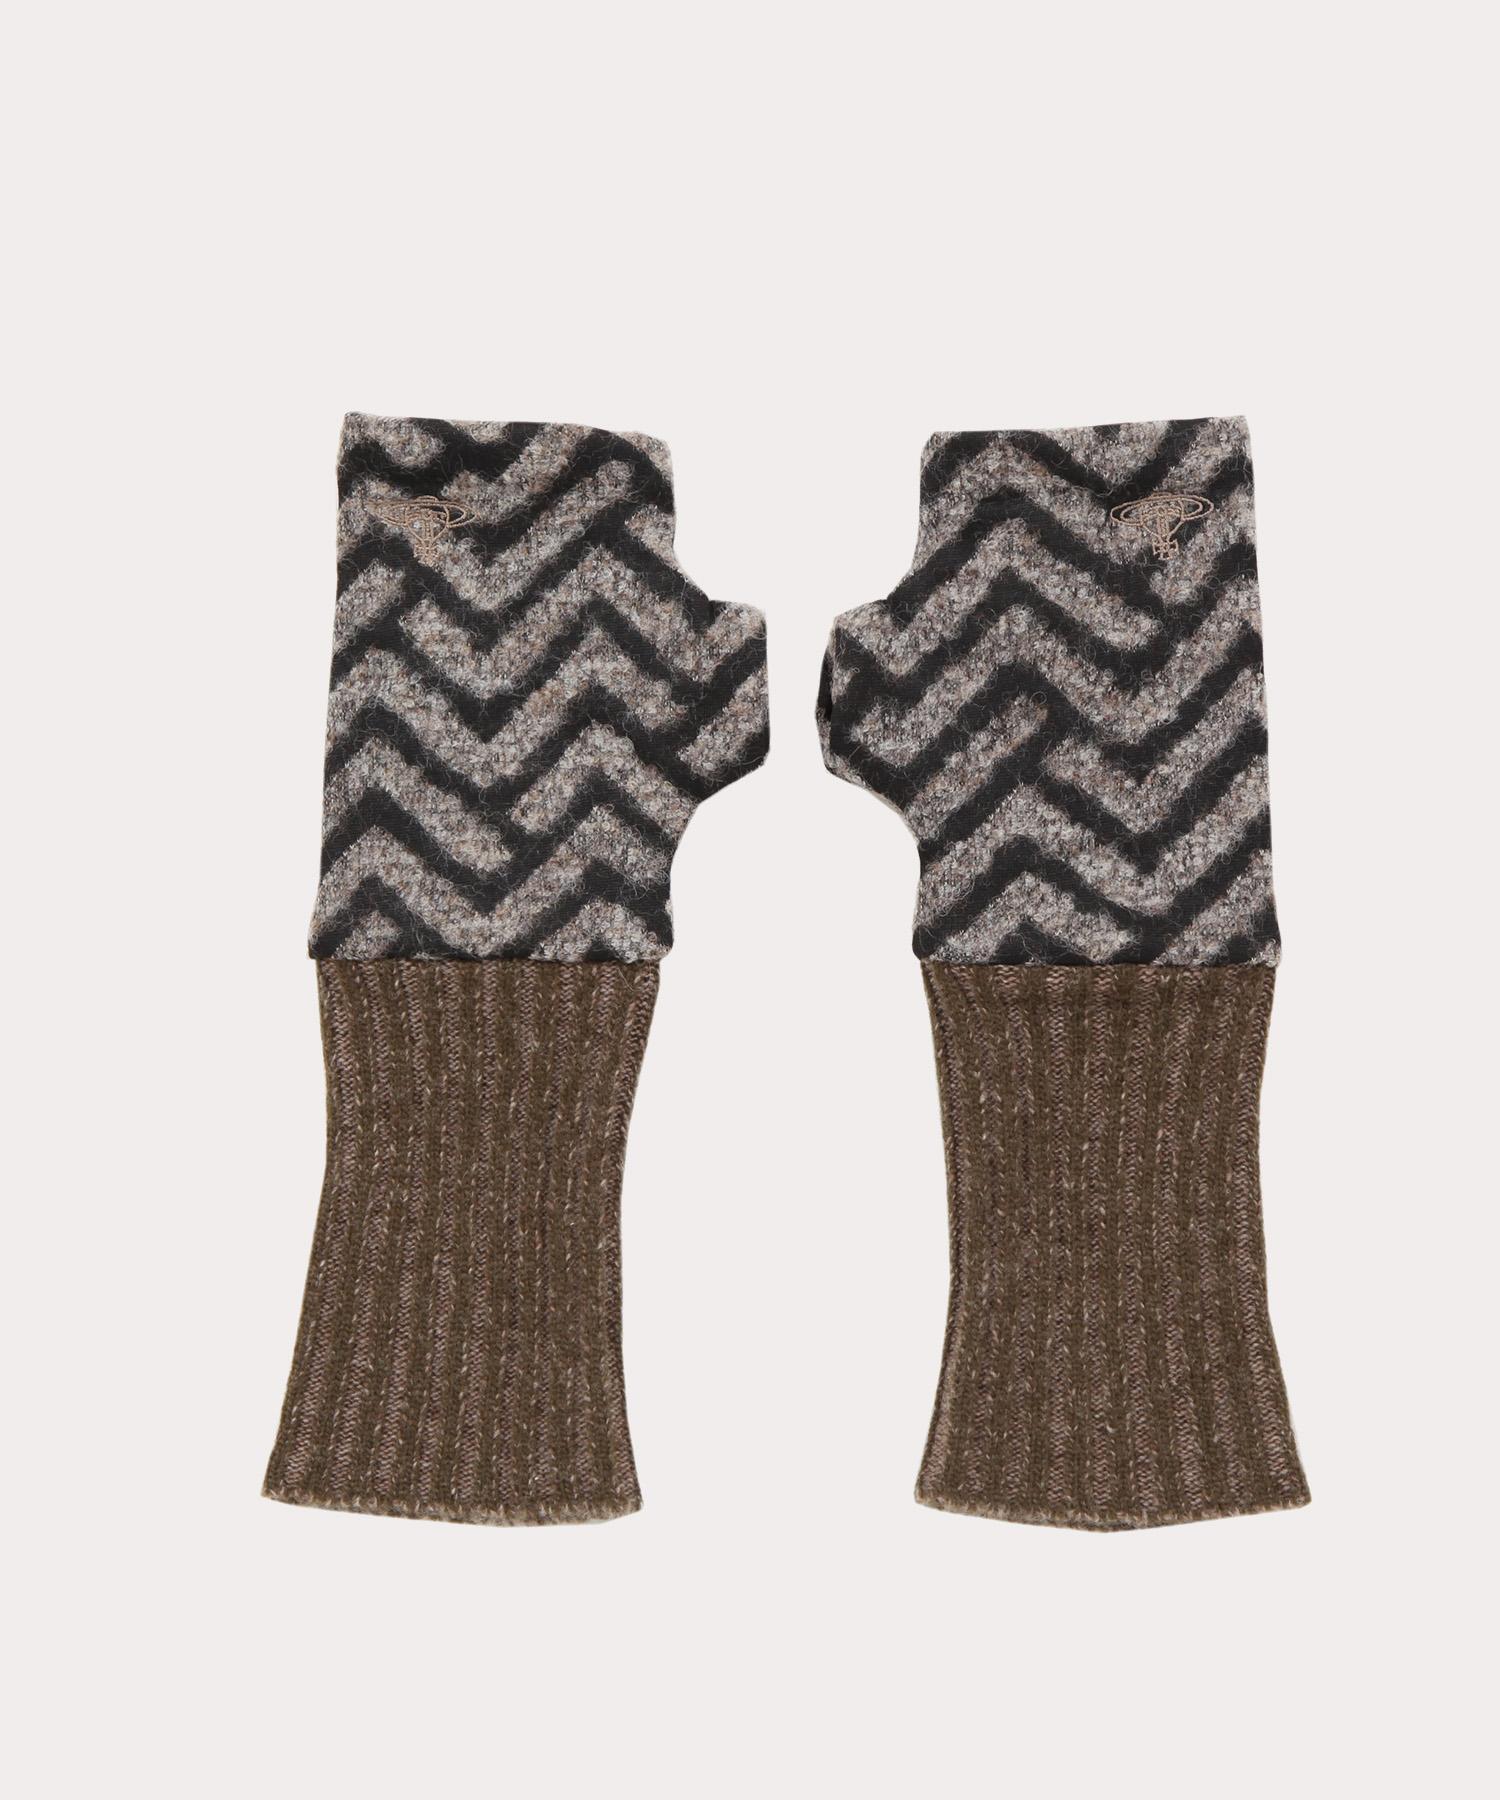 ヘリンボーン ミテーヌ手袋